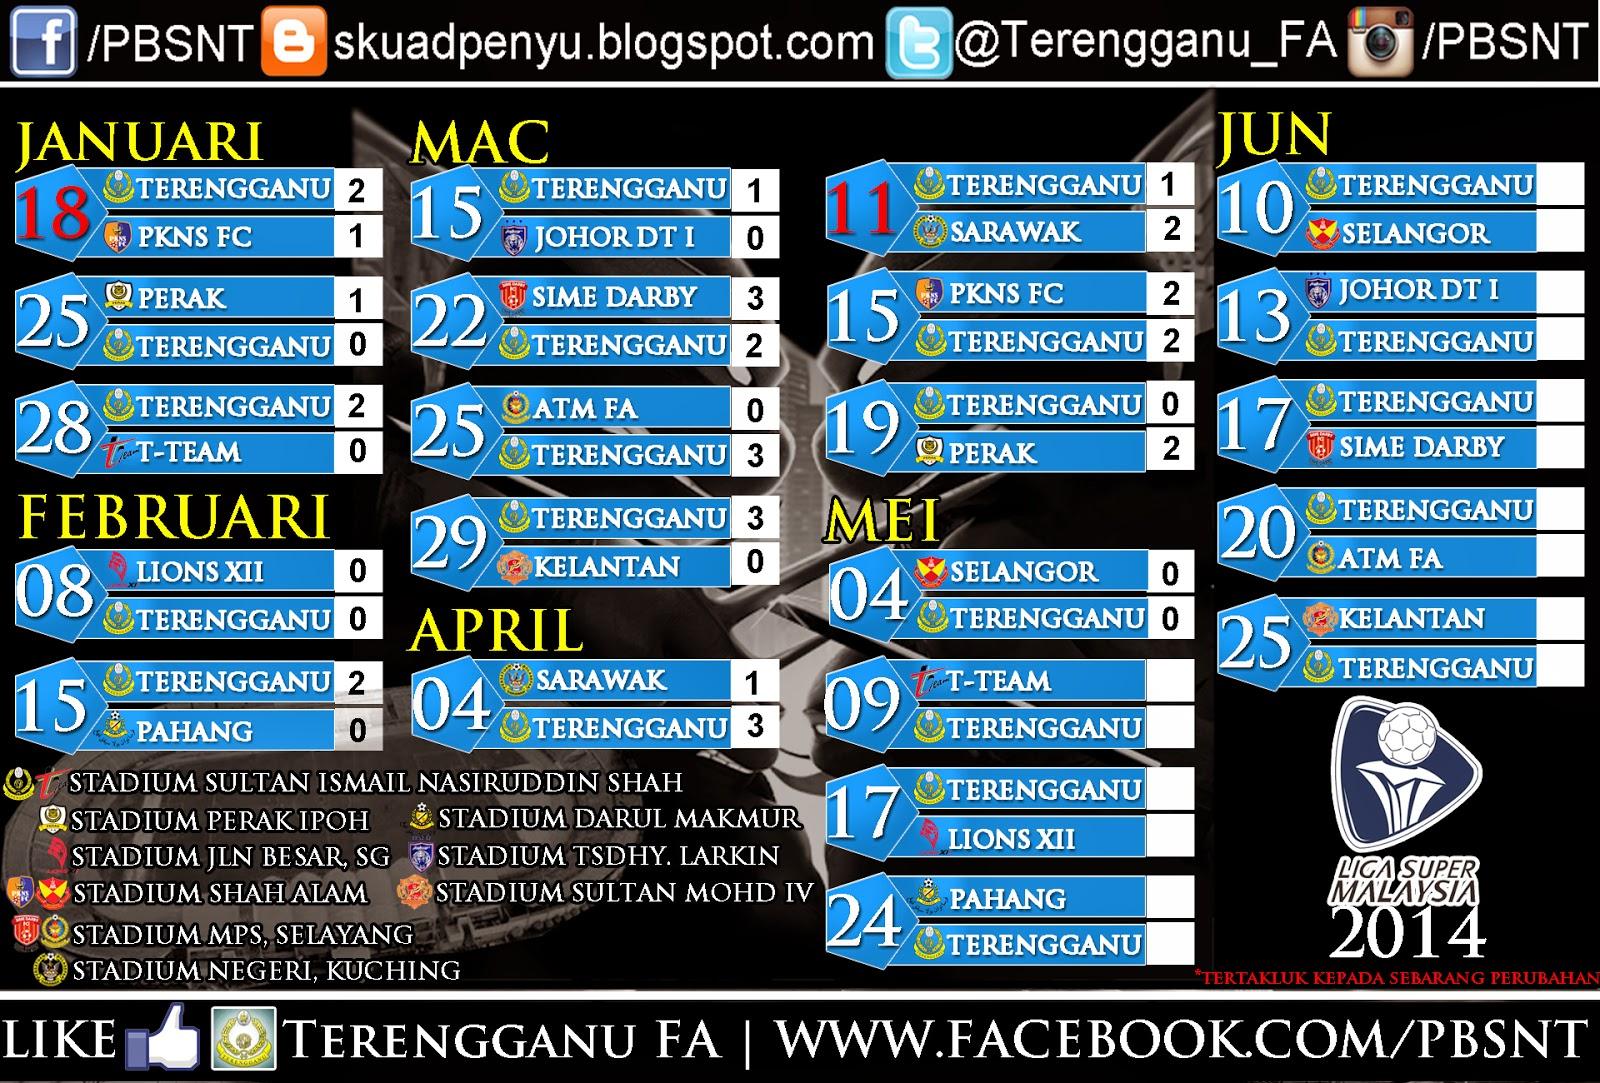 Berikut ialah Jadual Perlawanan Liga Super 2014 Terengganu FA :